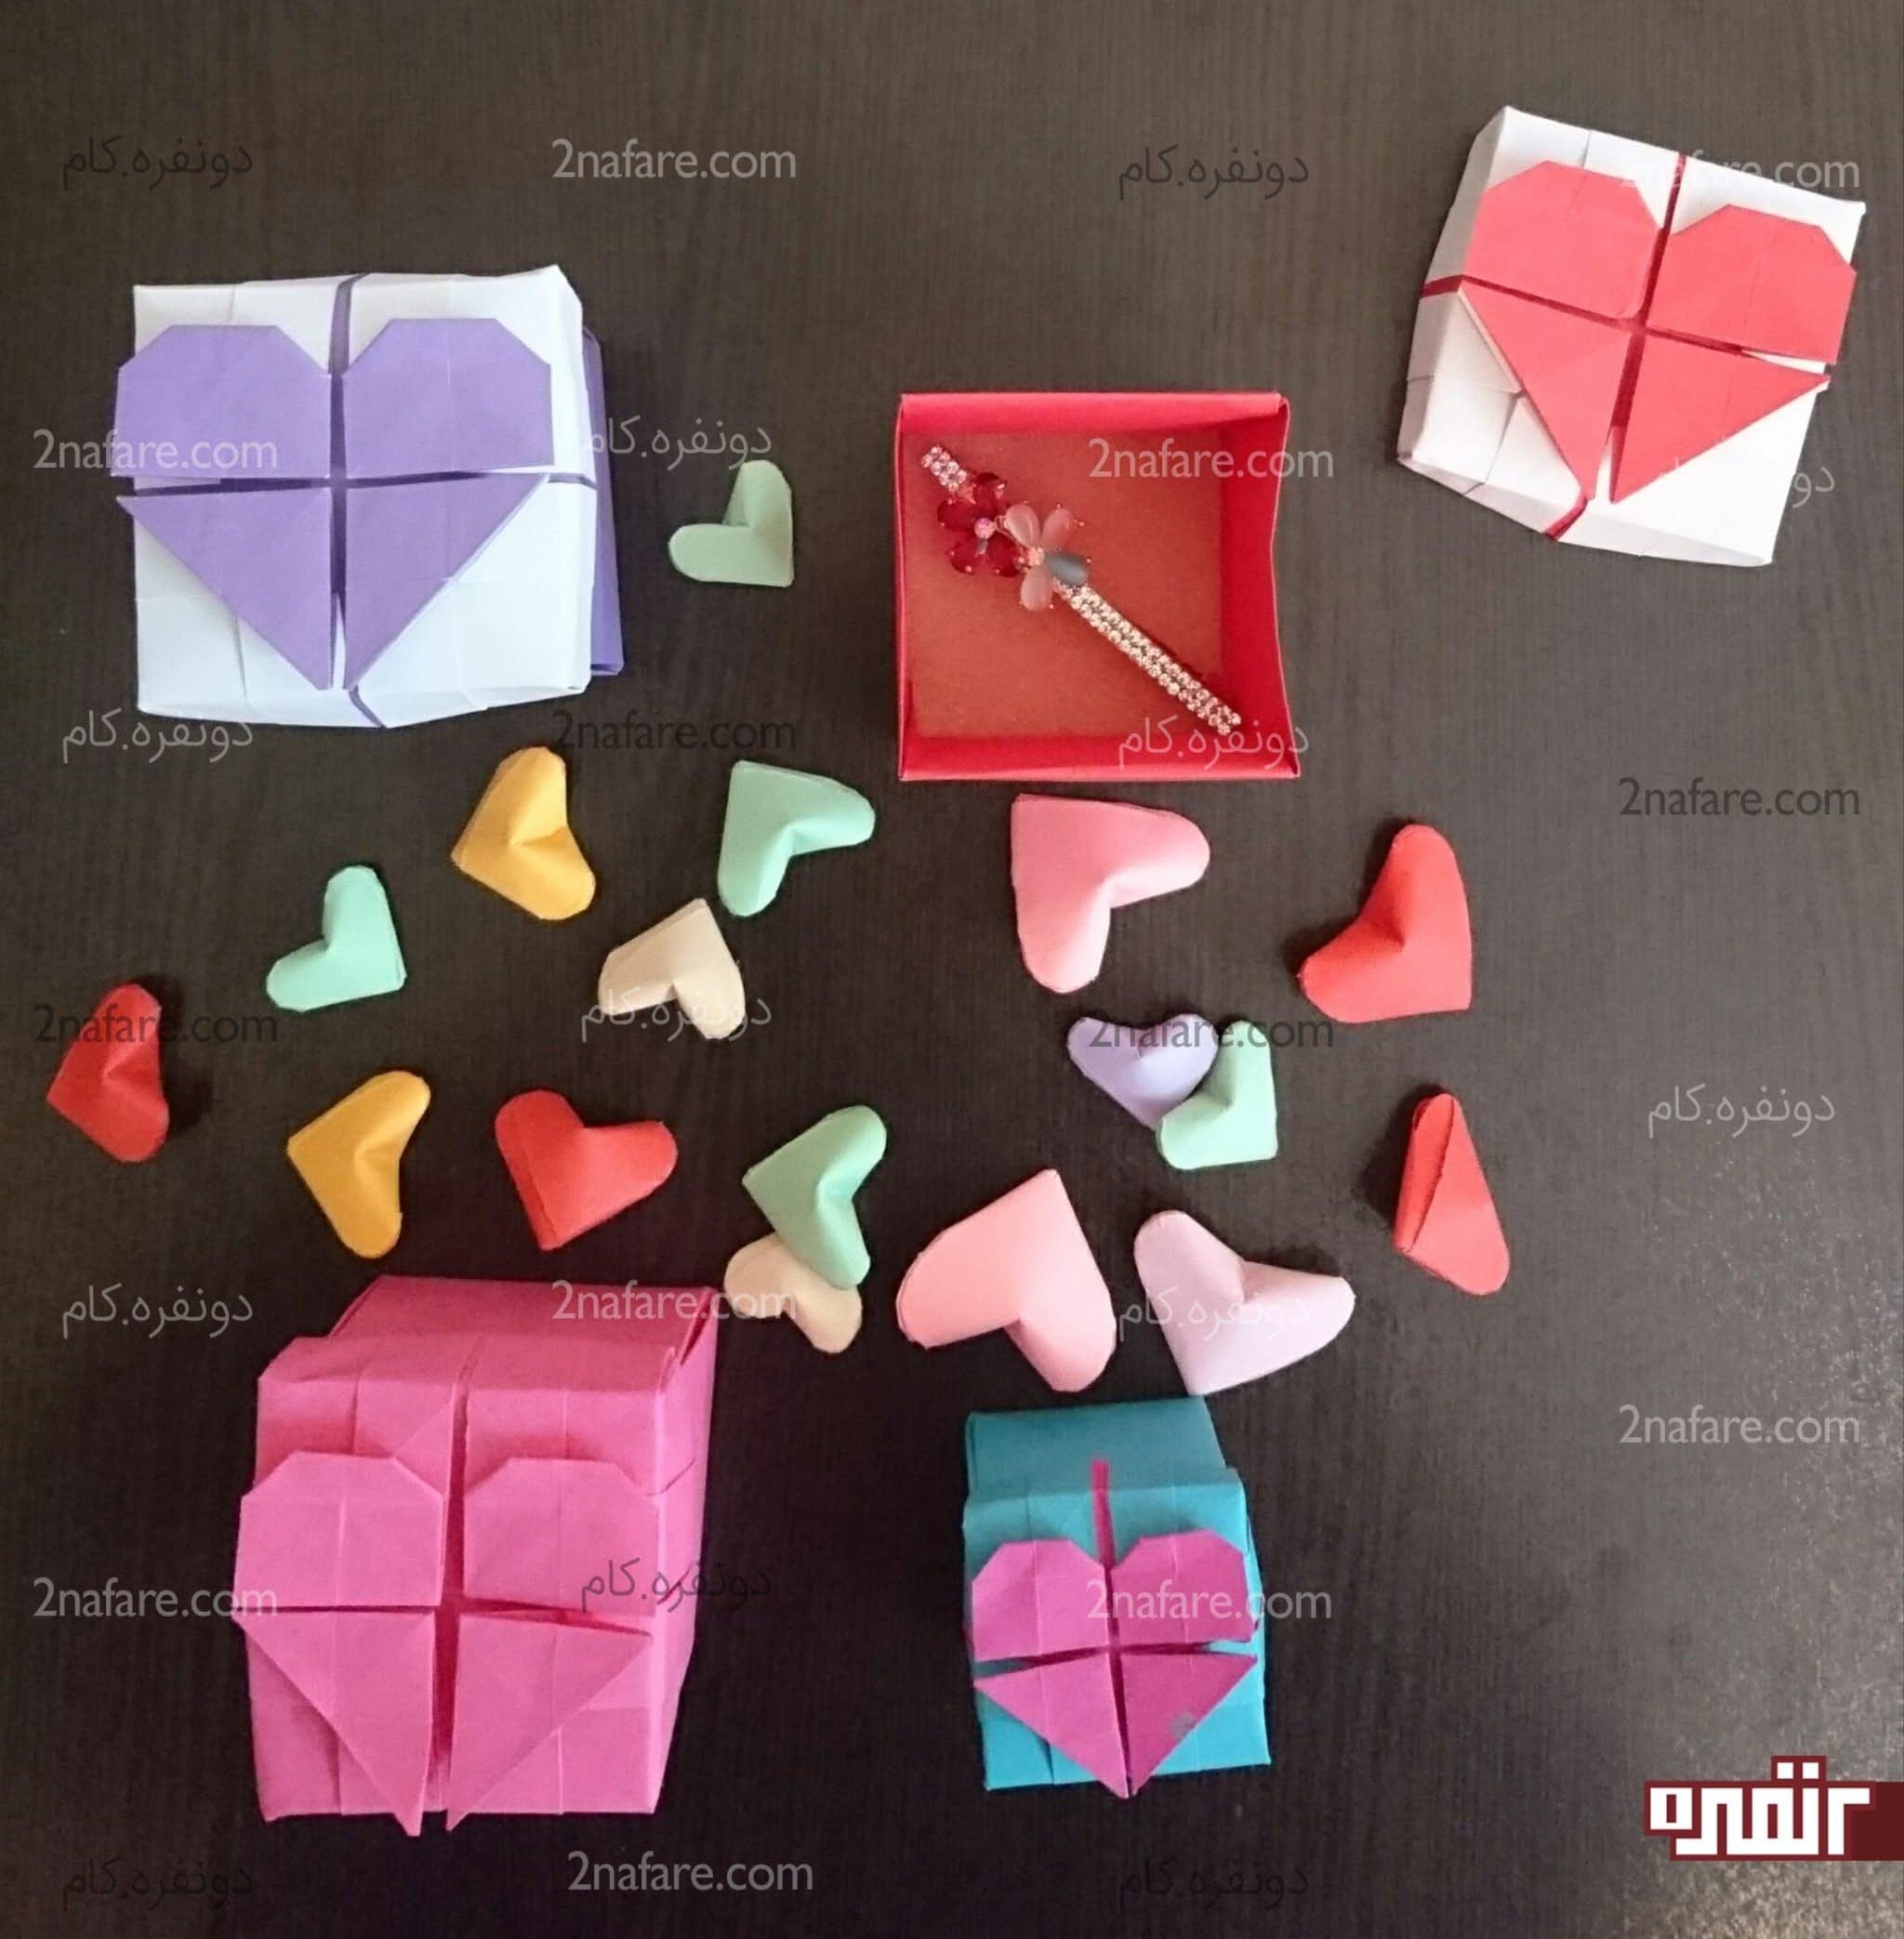 متن روی کادو آموزش اوریگامی جعبه کادو طرح قلب • دونفره